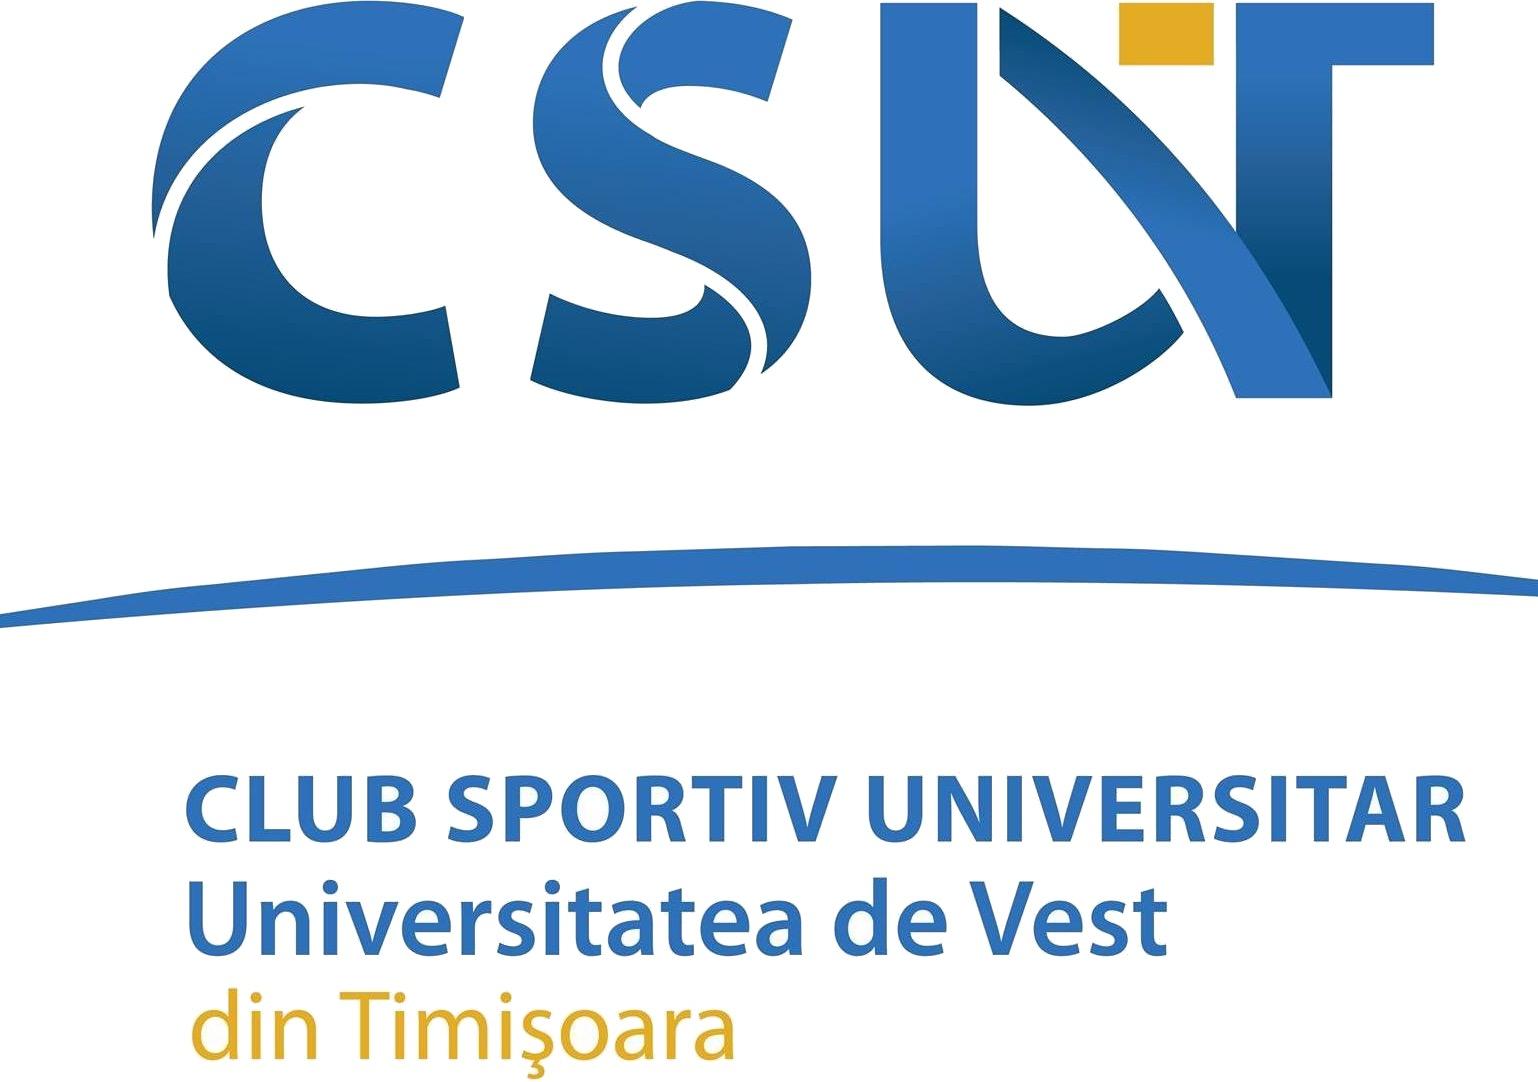 CSU Universitatea de Vest din Timisoara